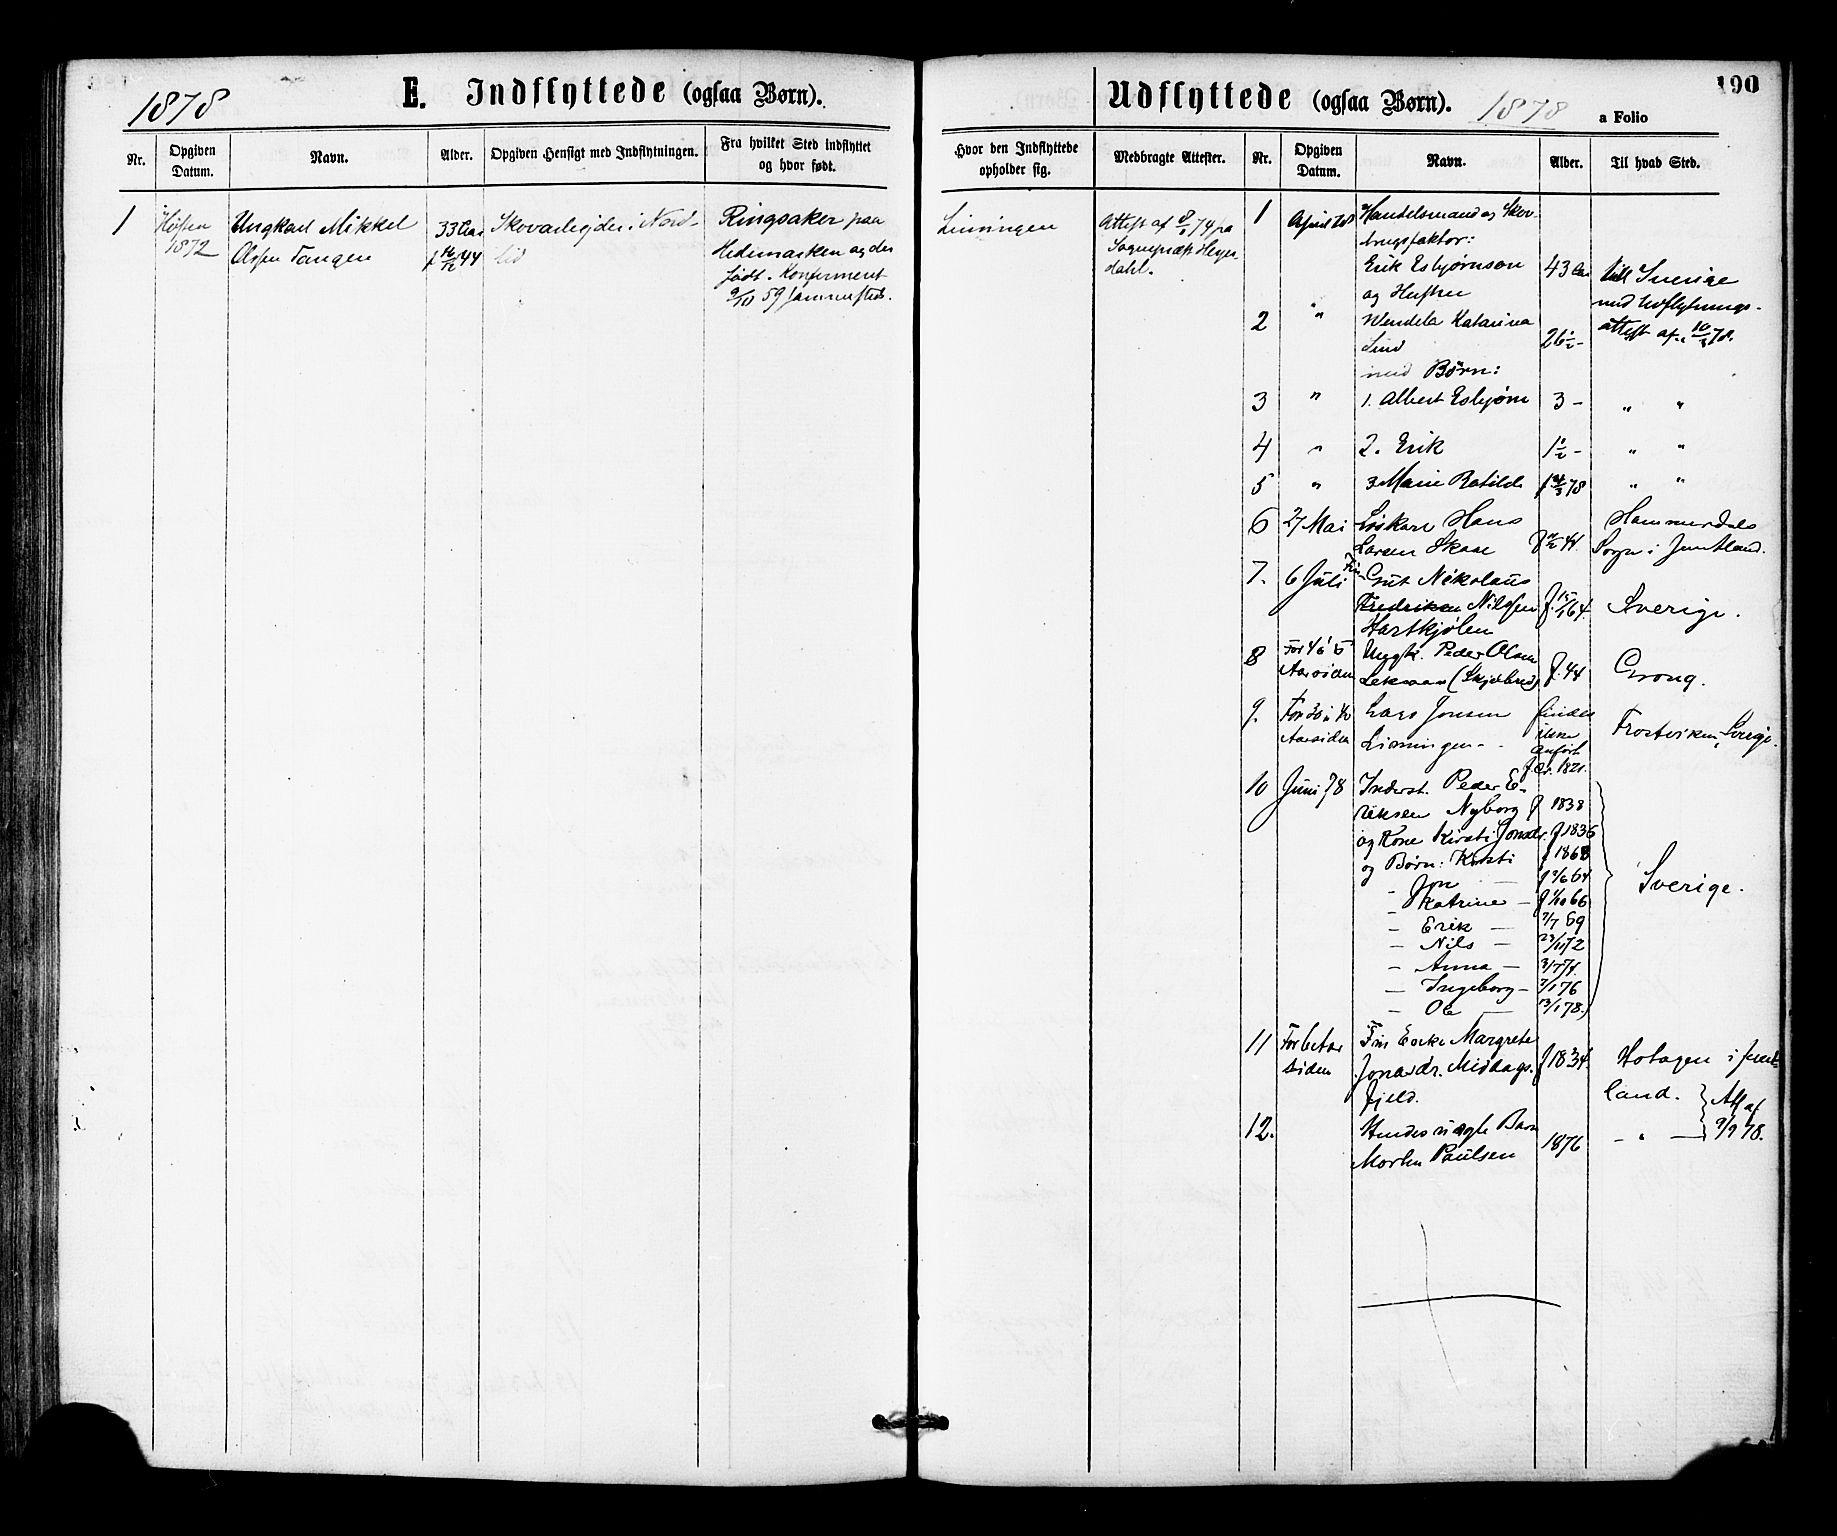 SAT, Ministerialprotokoller, klokkerbøker og fødselsregistre - Nord-Trøndelag, 755/L0493: Ministerialbok nr. 755A02, 1865-1881, s. 190